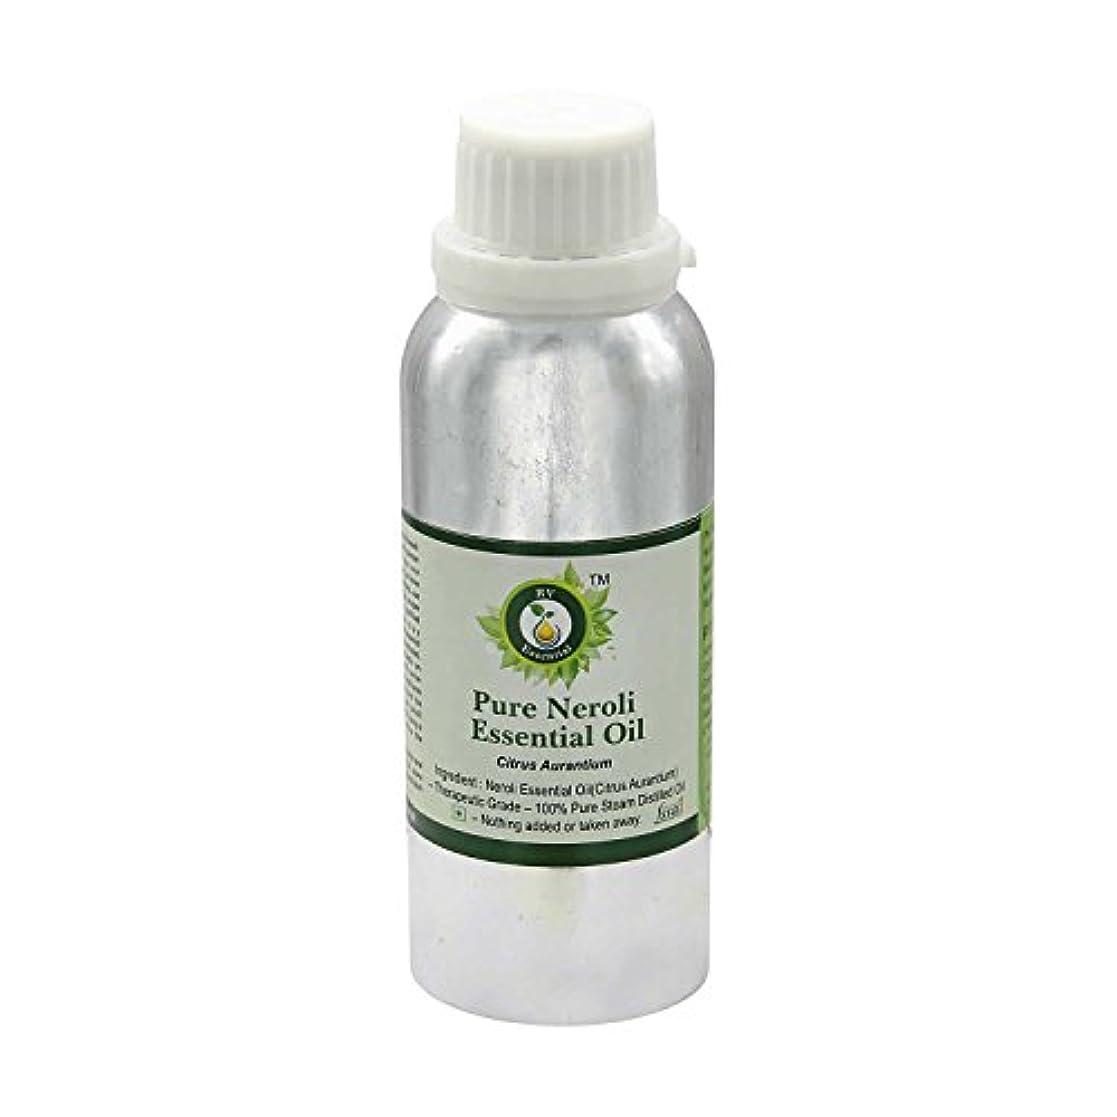 エンディングソーセージローマ人R V Essential ピュアネロリエッセンシャルオイル630ml (21oz)- Citrus Aurantium (100%純粋&天然スチームDistilled) Pure Neroli Essential Oil